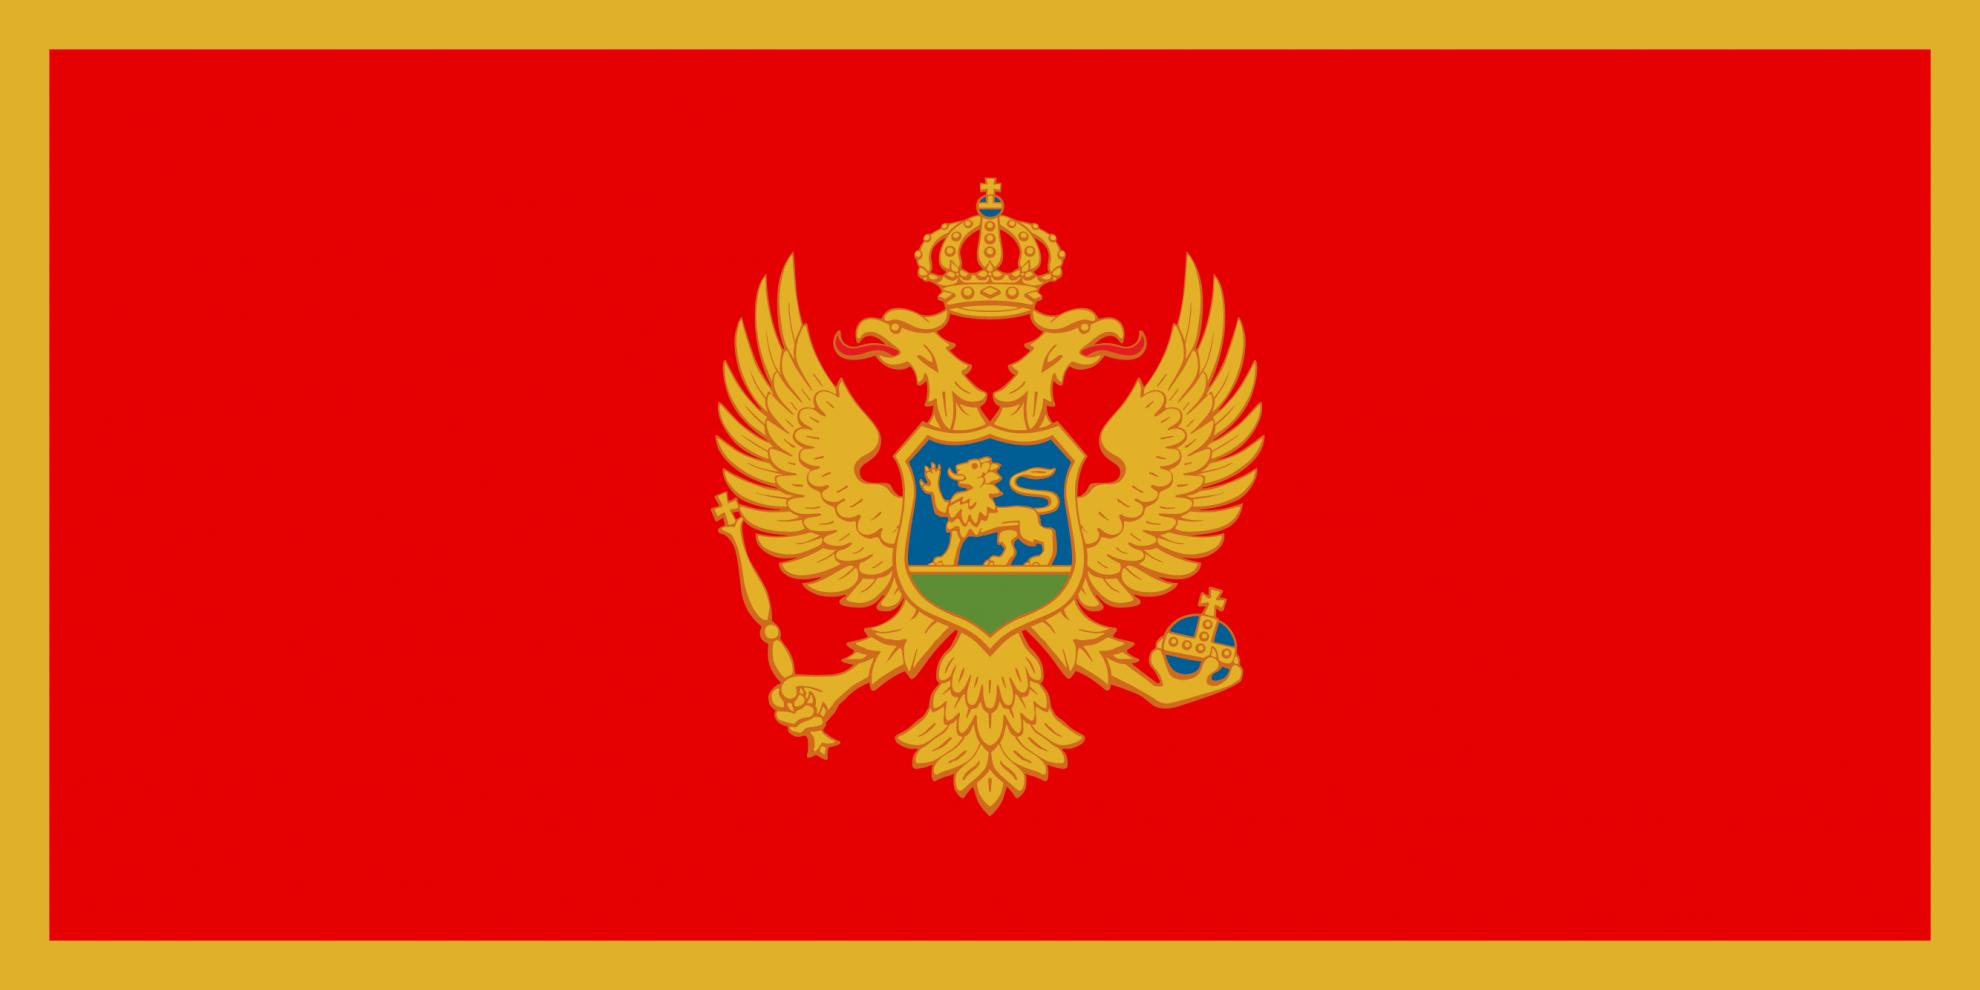 中国与黑山正式建立外交关系 外交